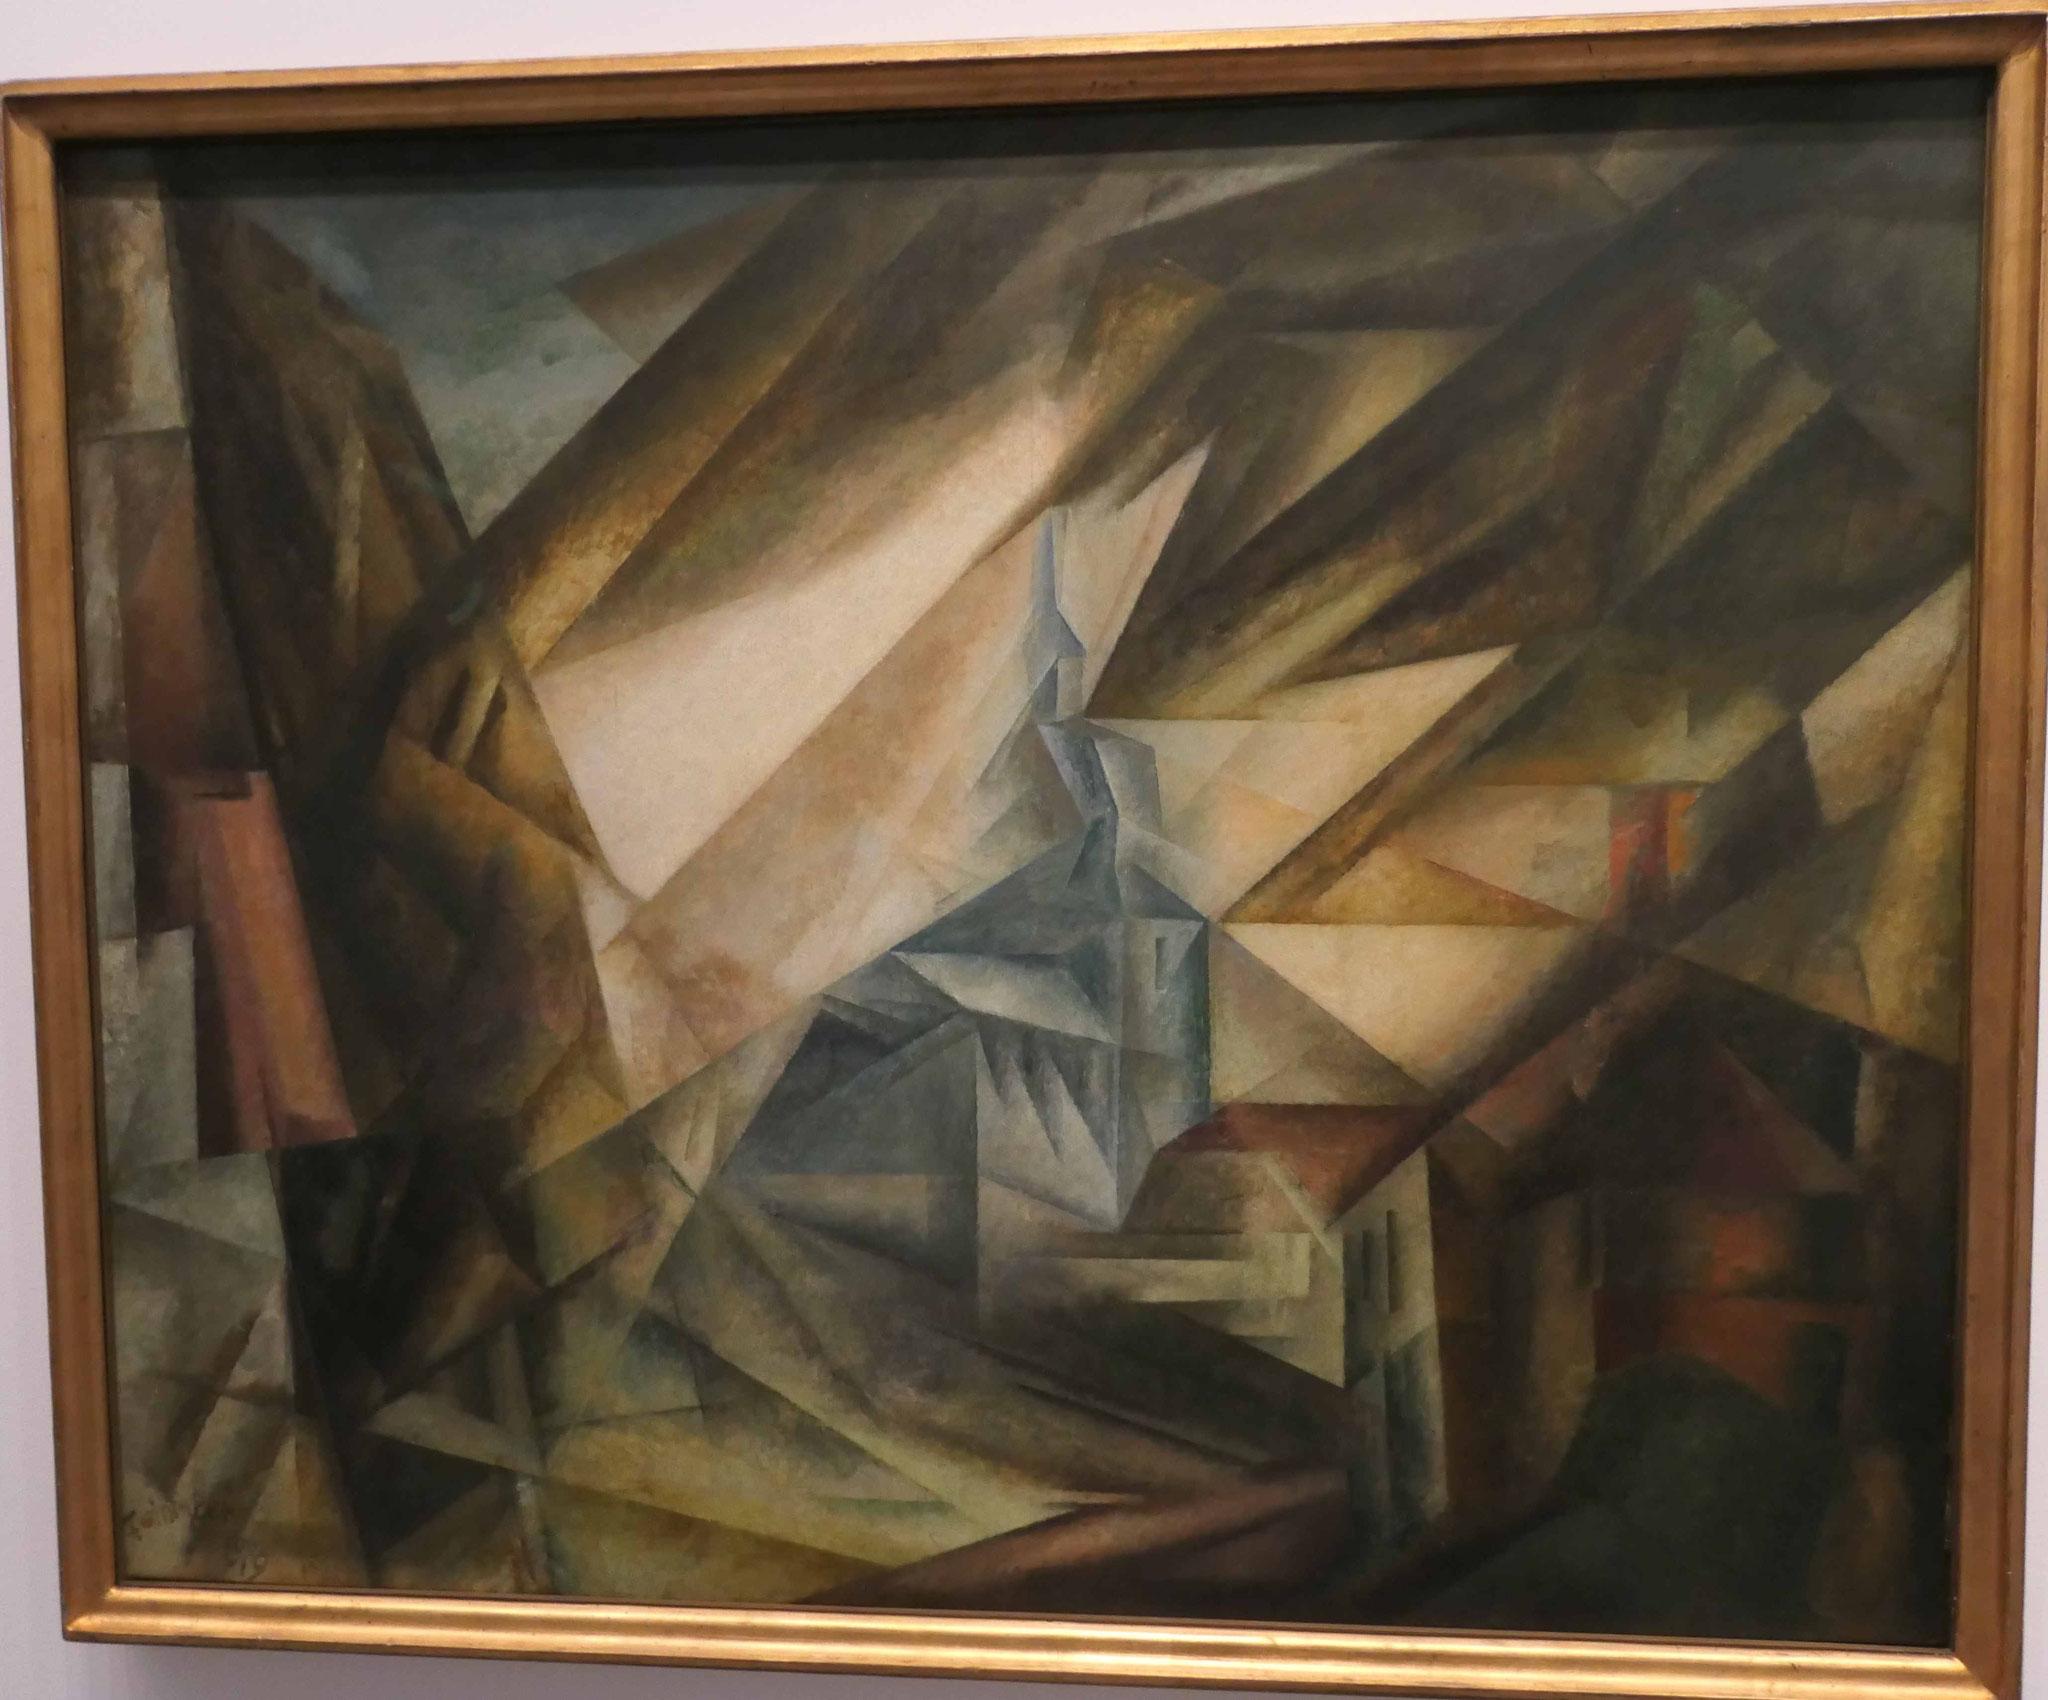 Lyonel Feininger, Kirche von Niedergrunstedt, 1919, Neue Nationalgalerie Berlin